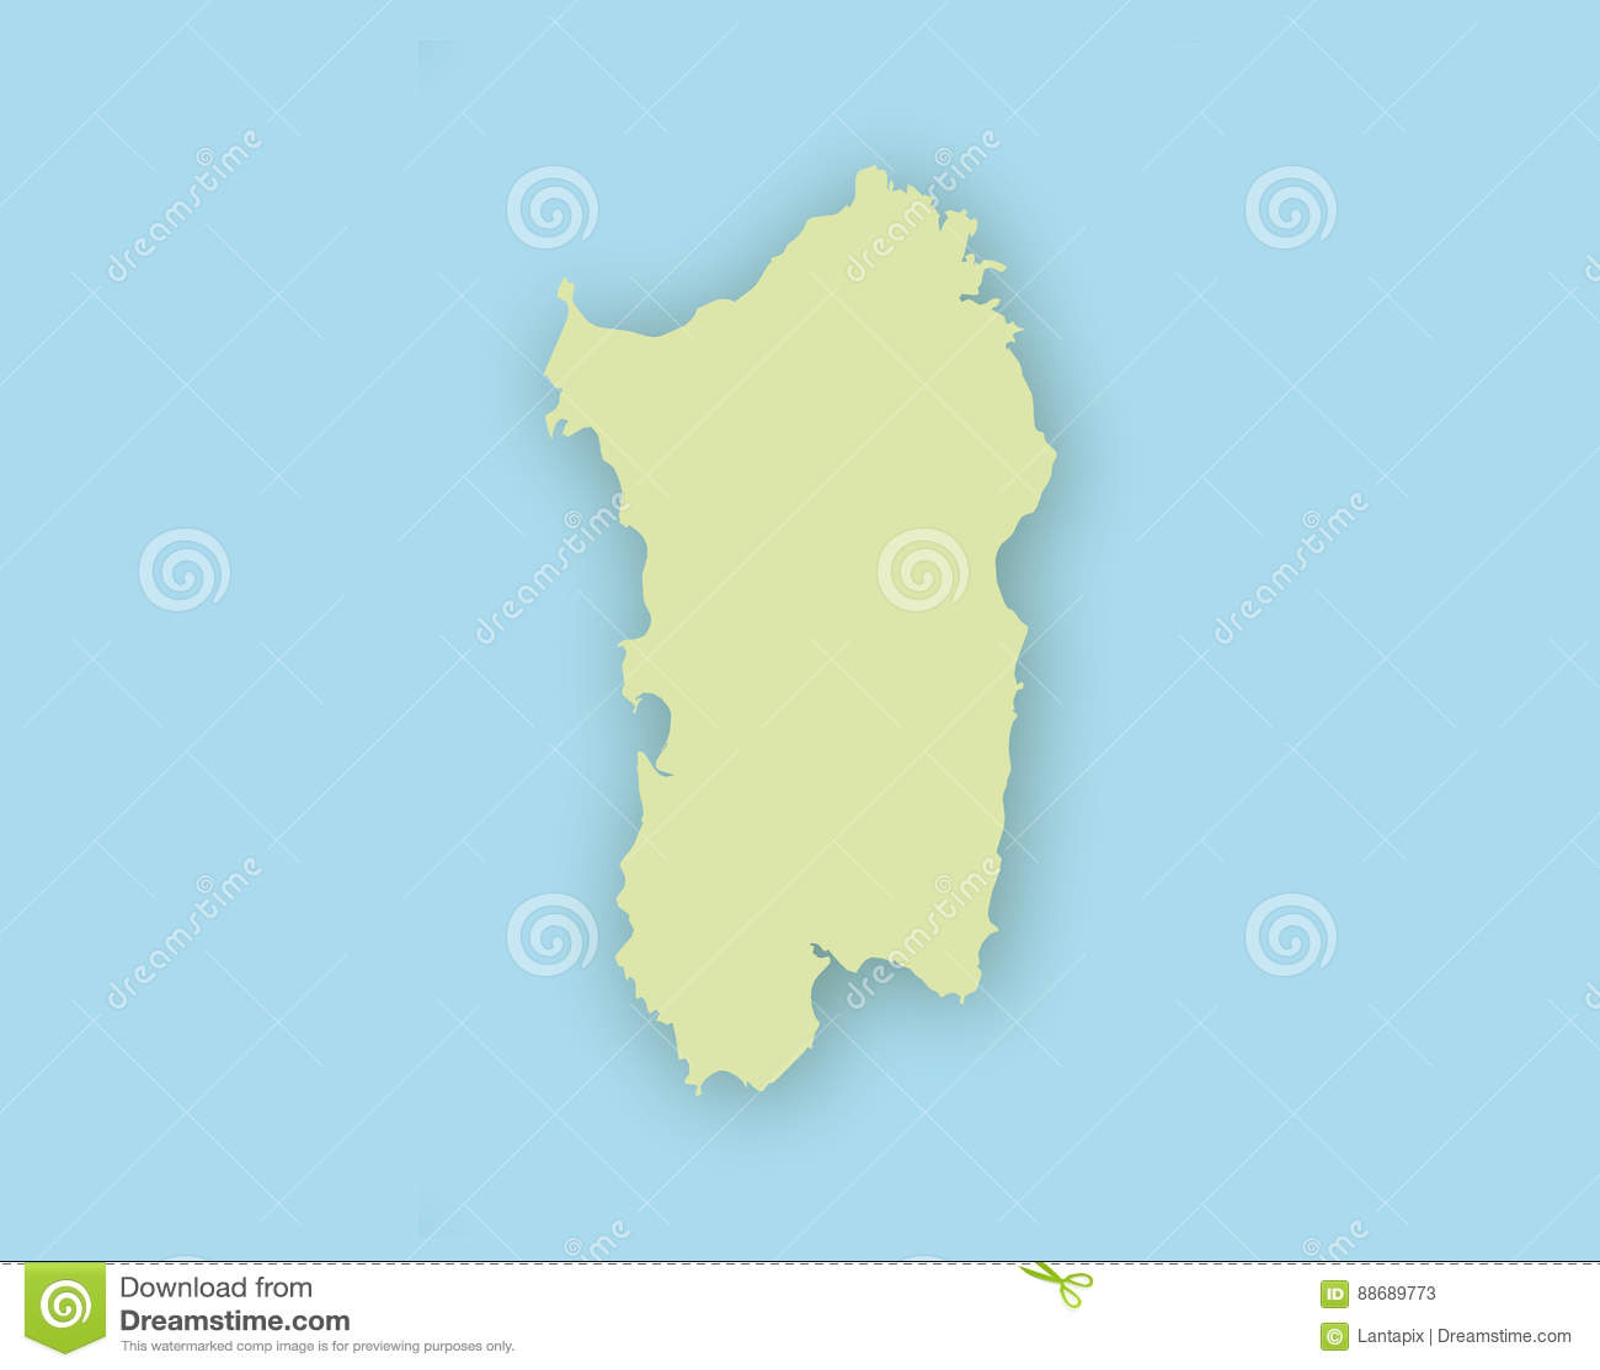 Cartina Sardegna Vettoriale.Mappa Della Sardegna Con Ombra Illustrazione Vettoriale Illustrazione Di Icona Vettore 88689773